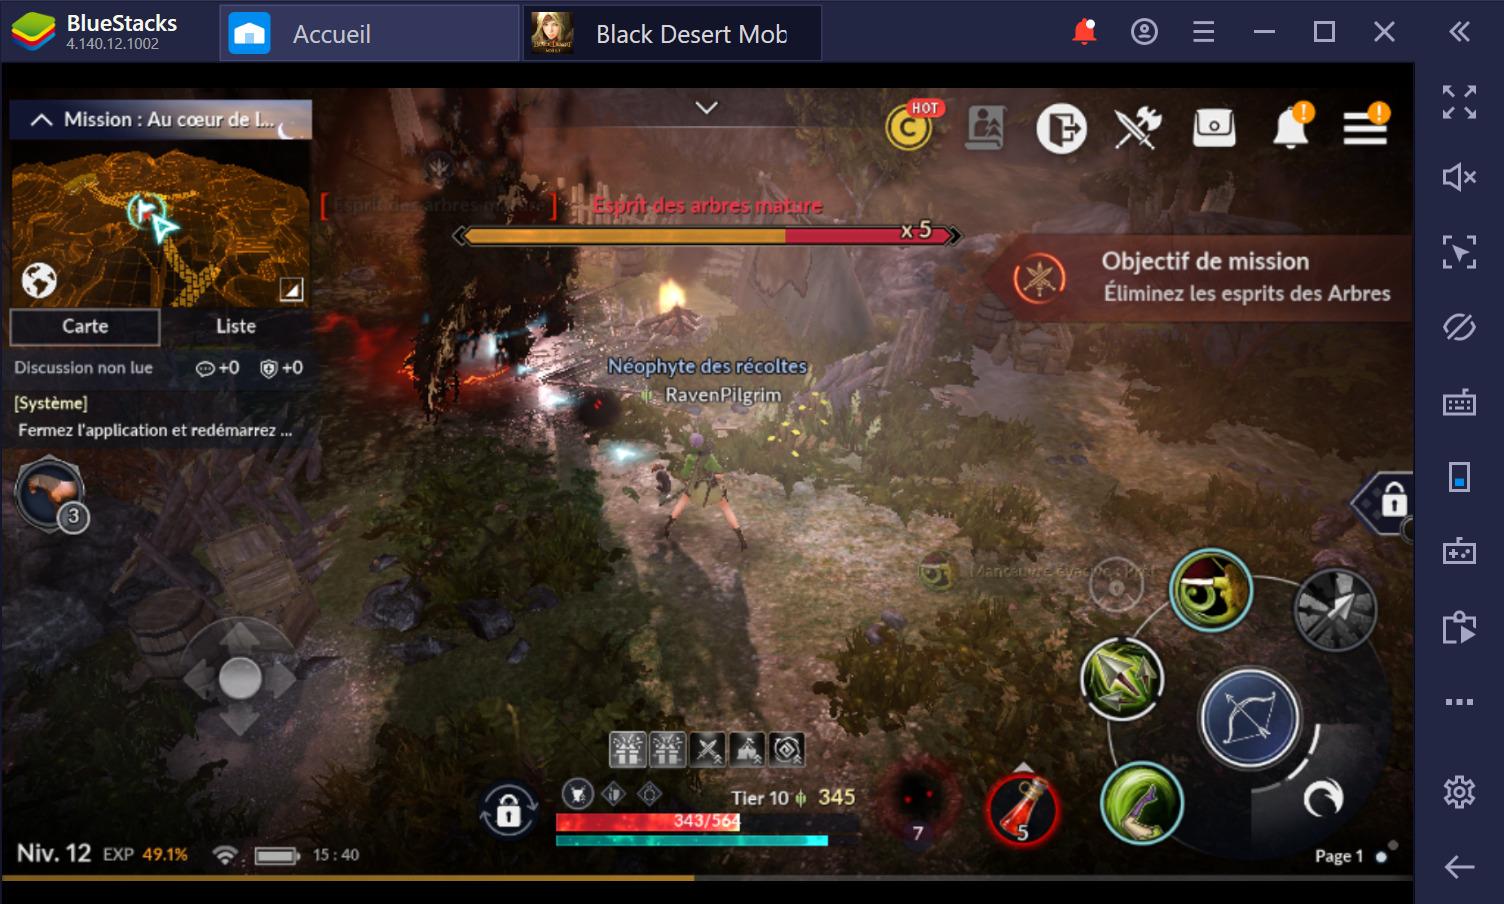 Black Desert Mobile sur PC : Guide des combats pour débutants